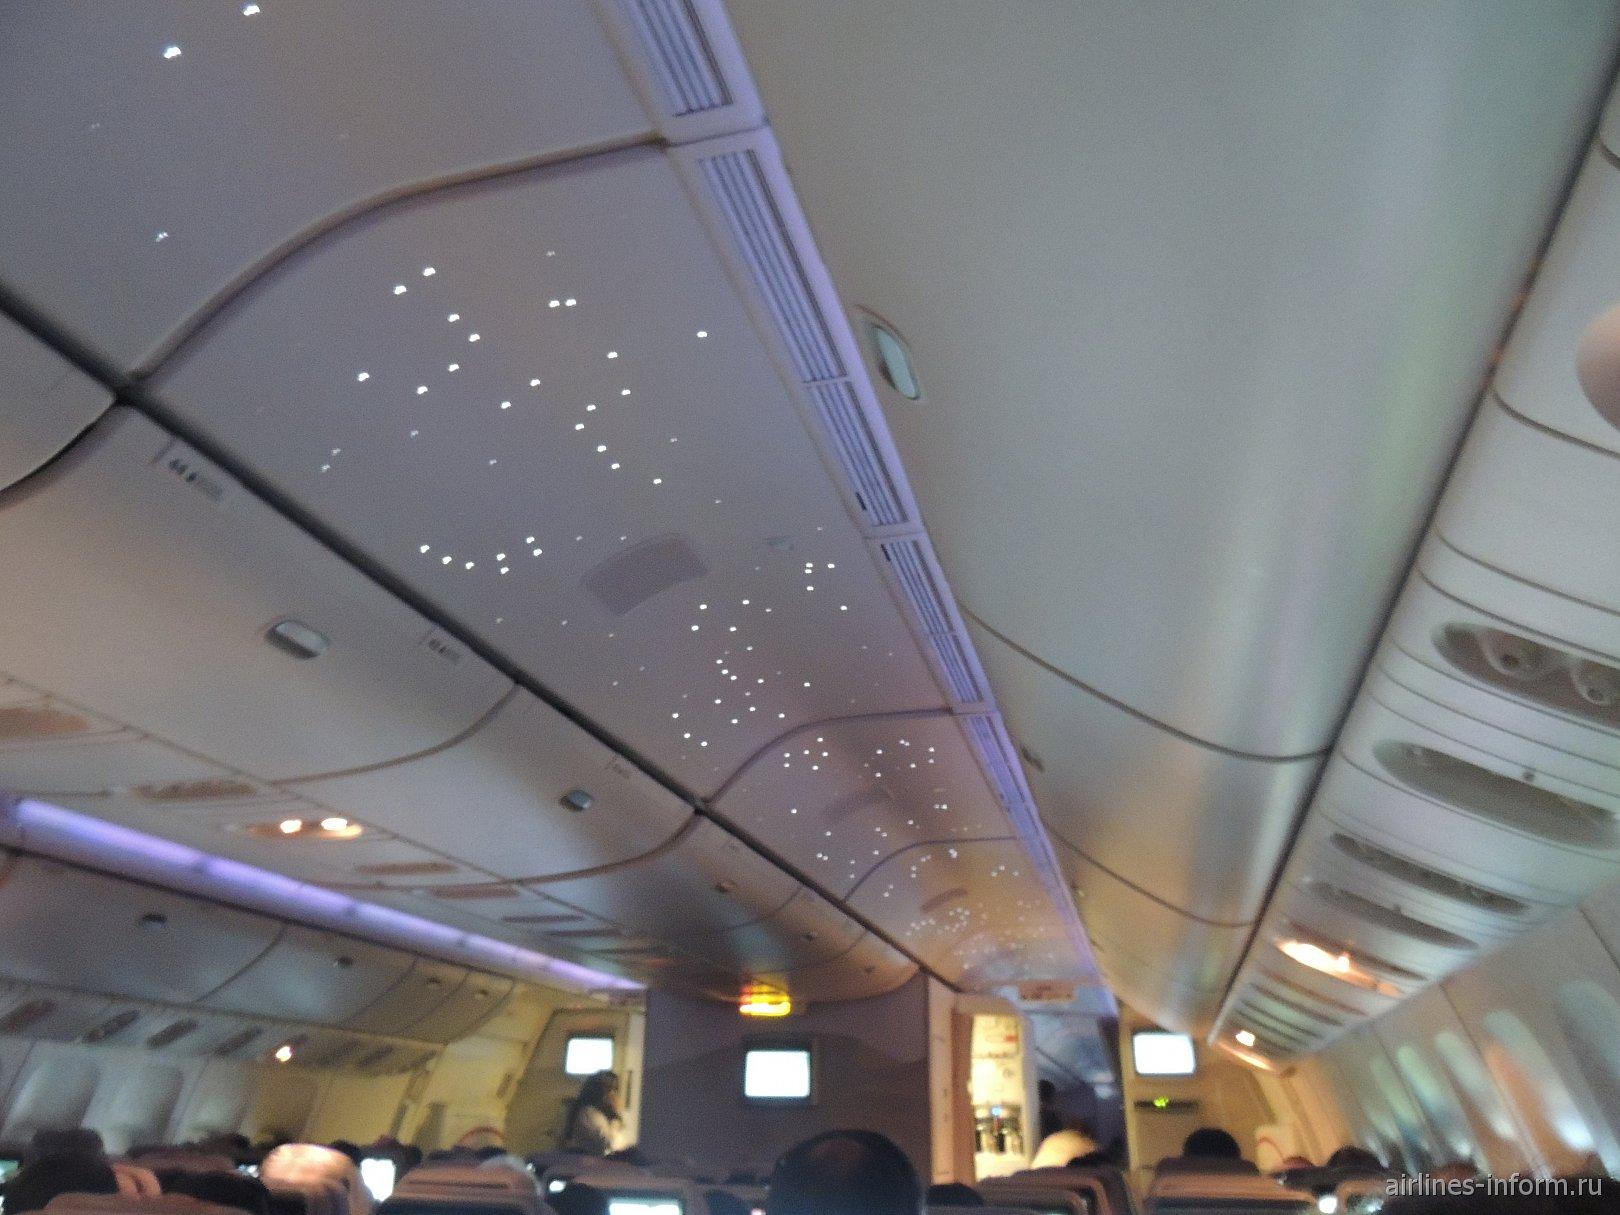 ��������� � ���� ��������� ���� � ������-777-300 ������������ Emirates